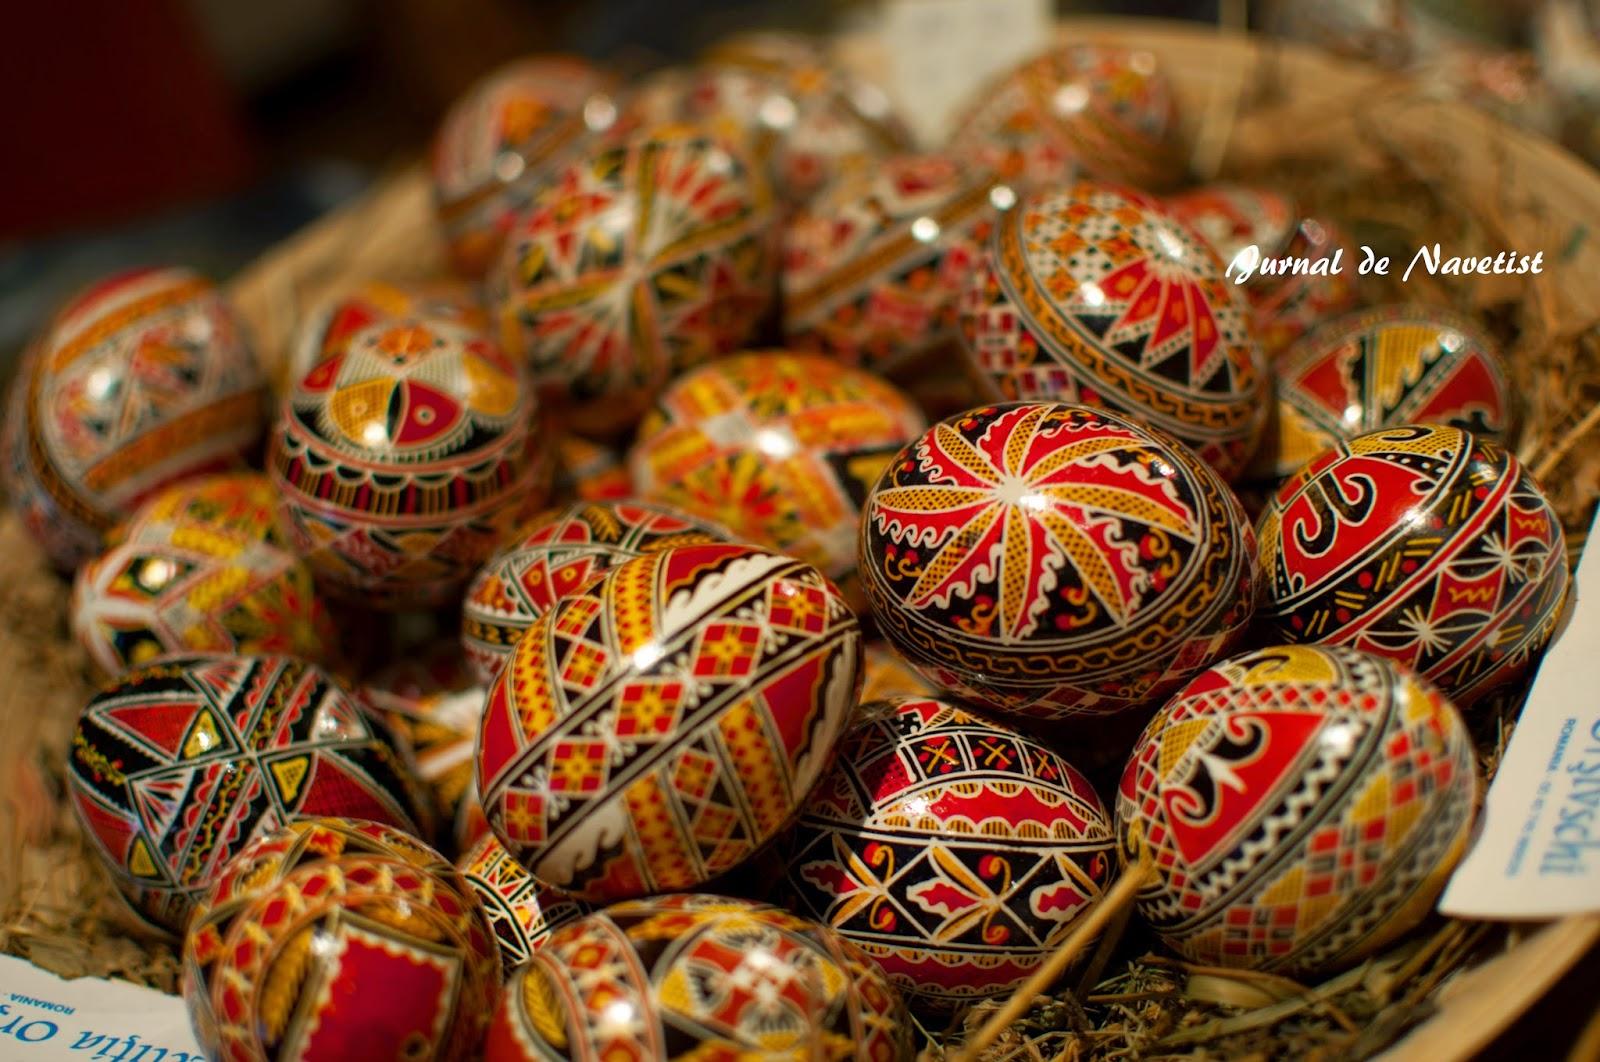 Jurnal de navetist un capolavoro su un uovo di pasqua - Uova di pasqua decorati a mano ...